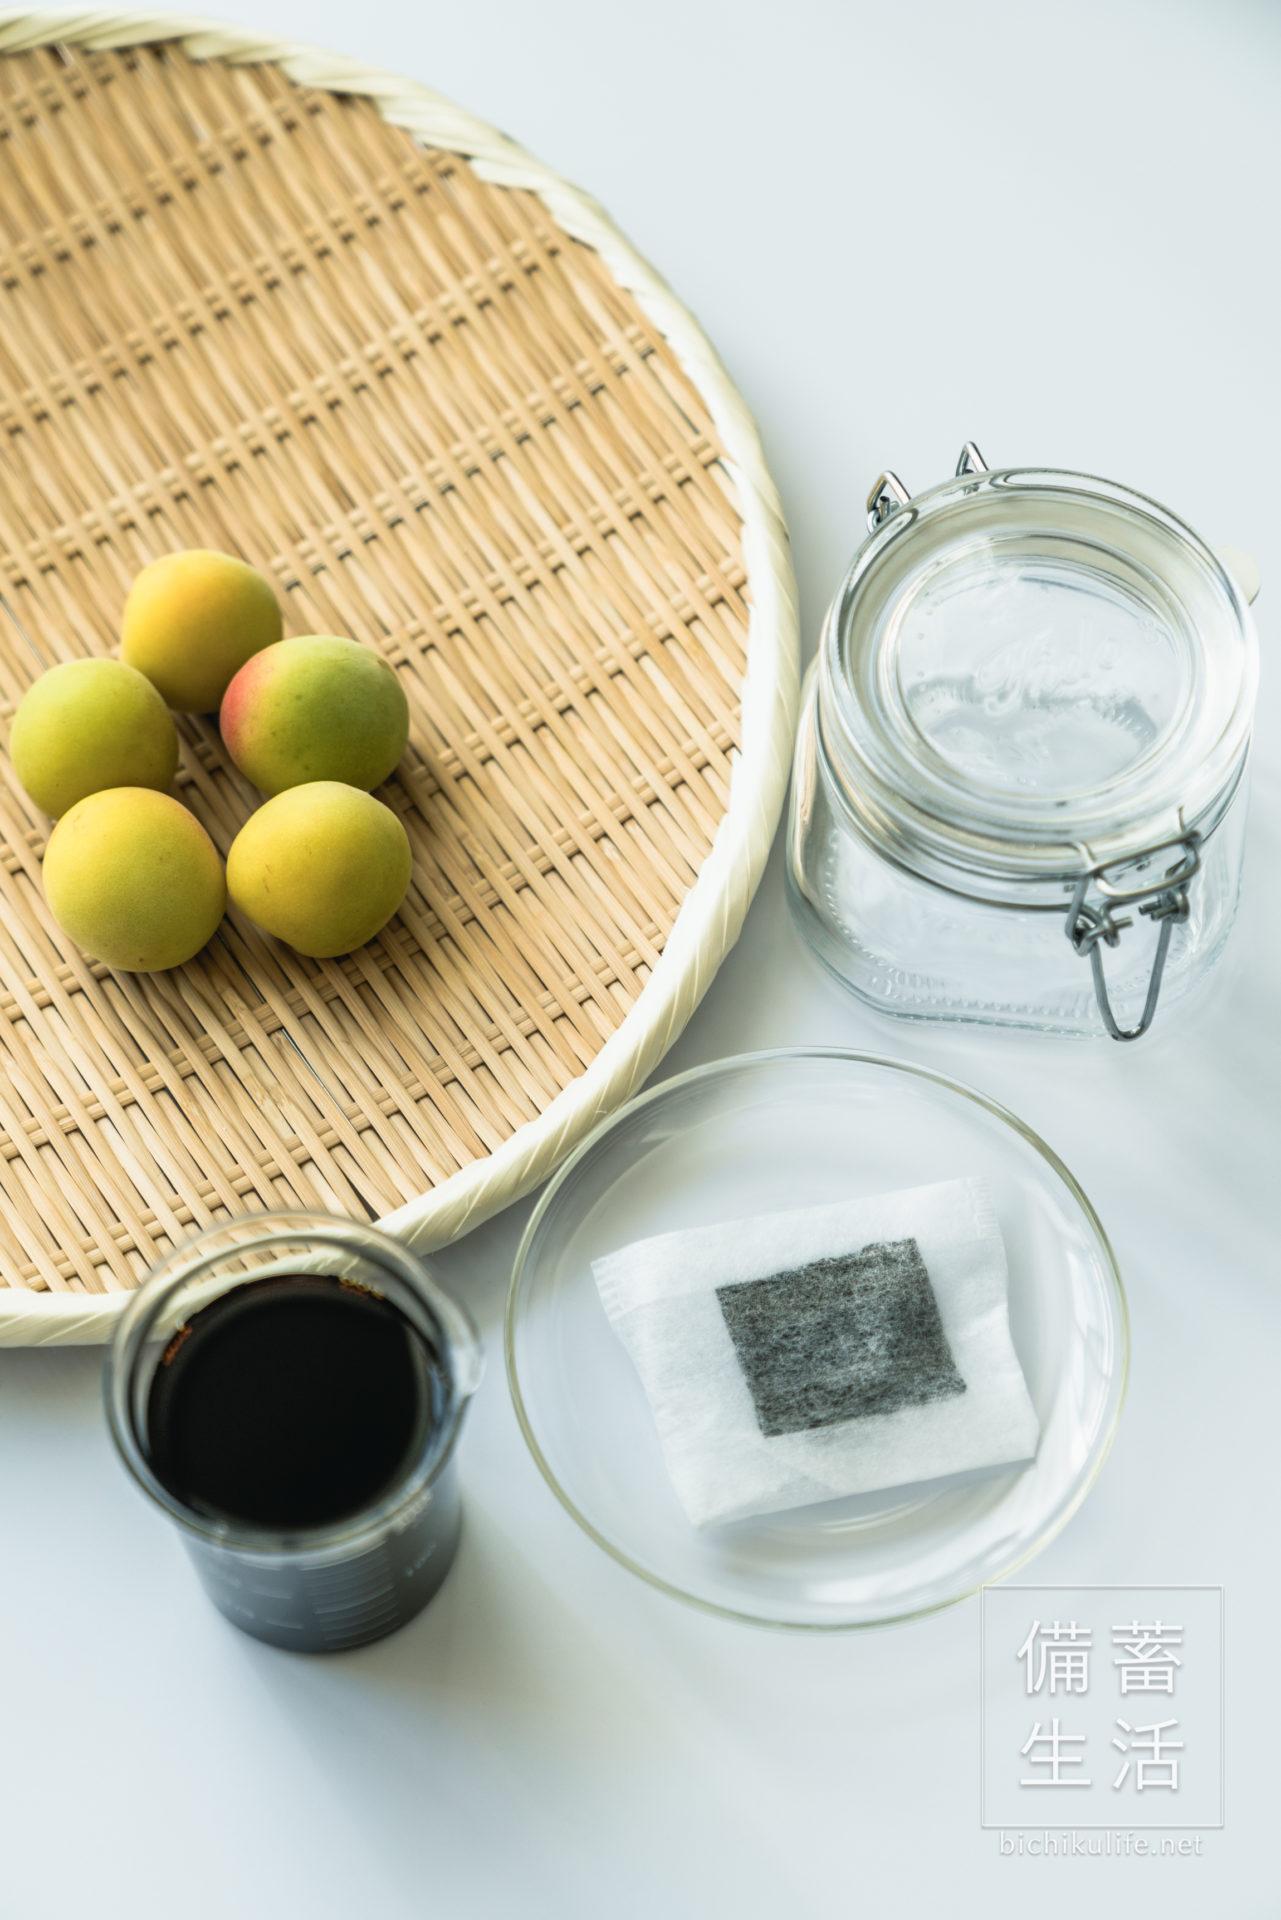 梅の醤油漬けのレシピ 梅の醤油漬けの材料